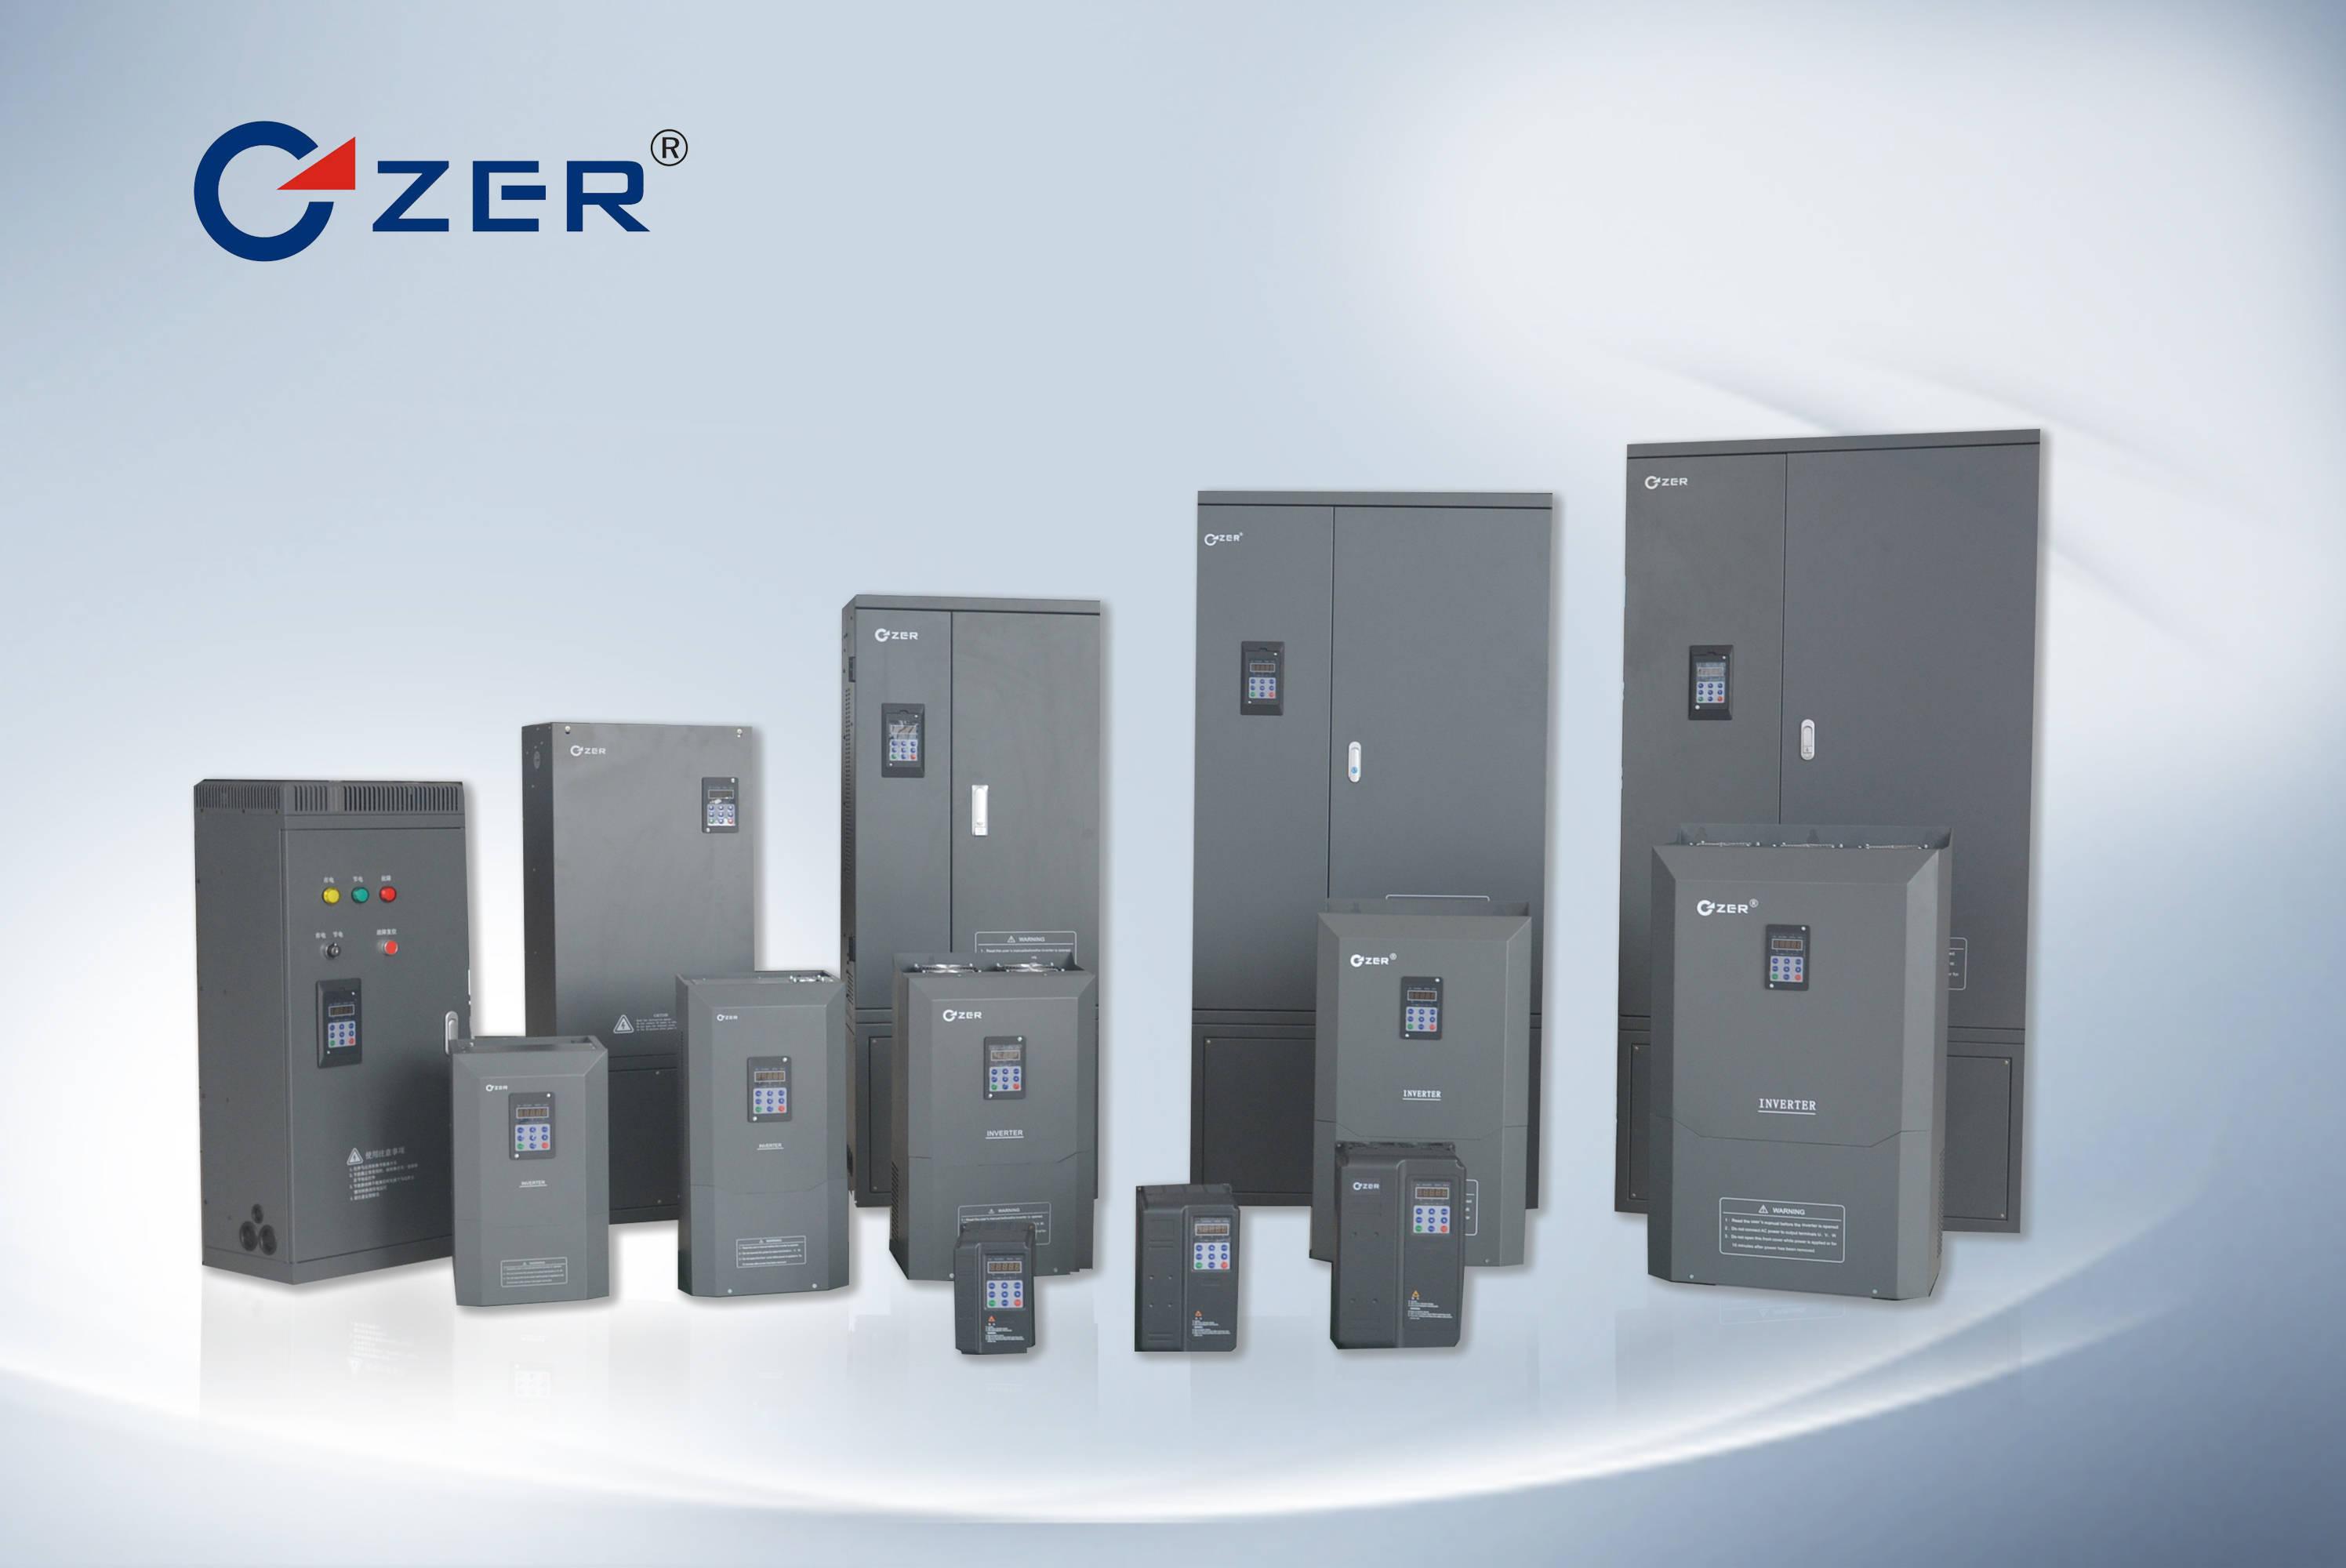 变频器是一种功率控制装置,在许多行业